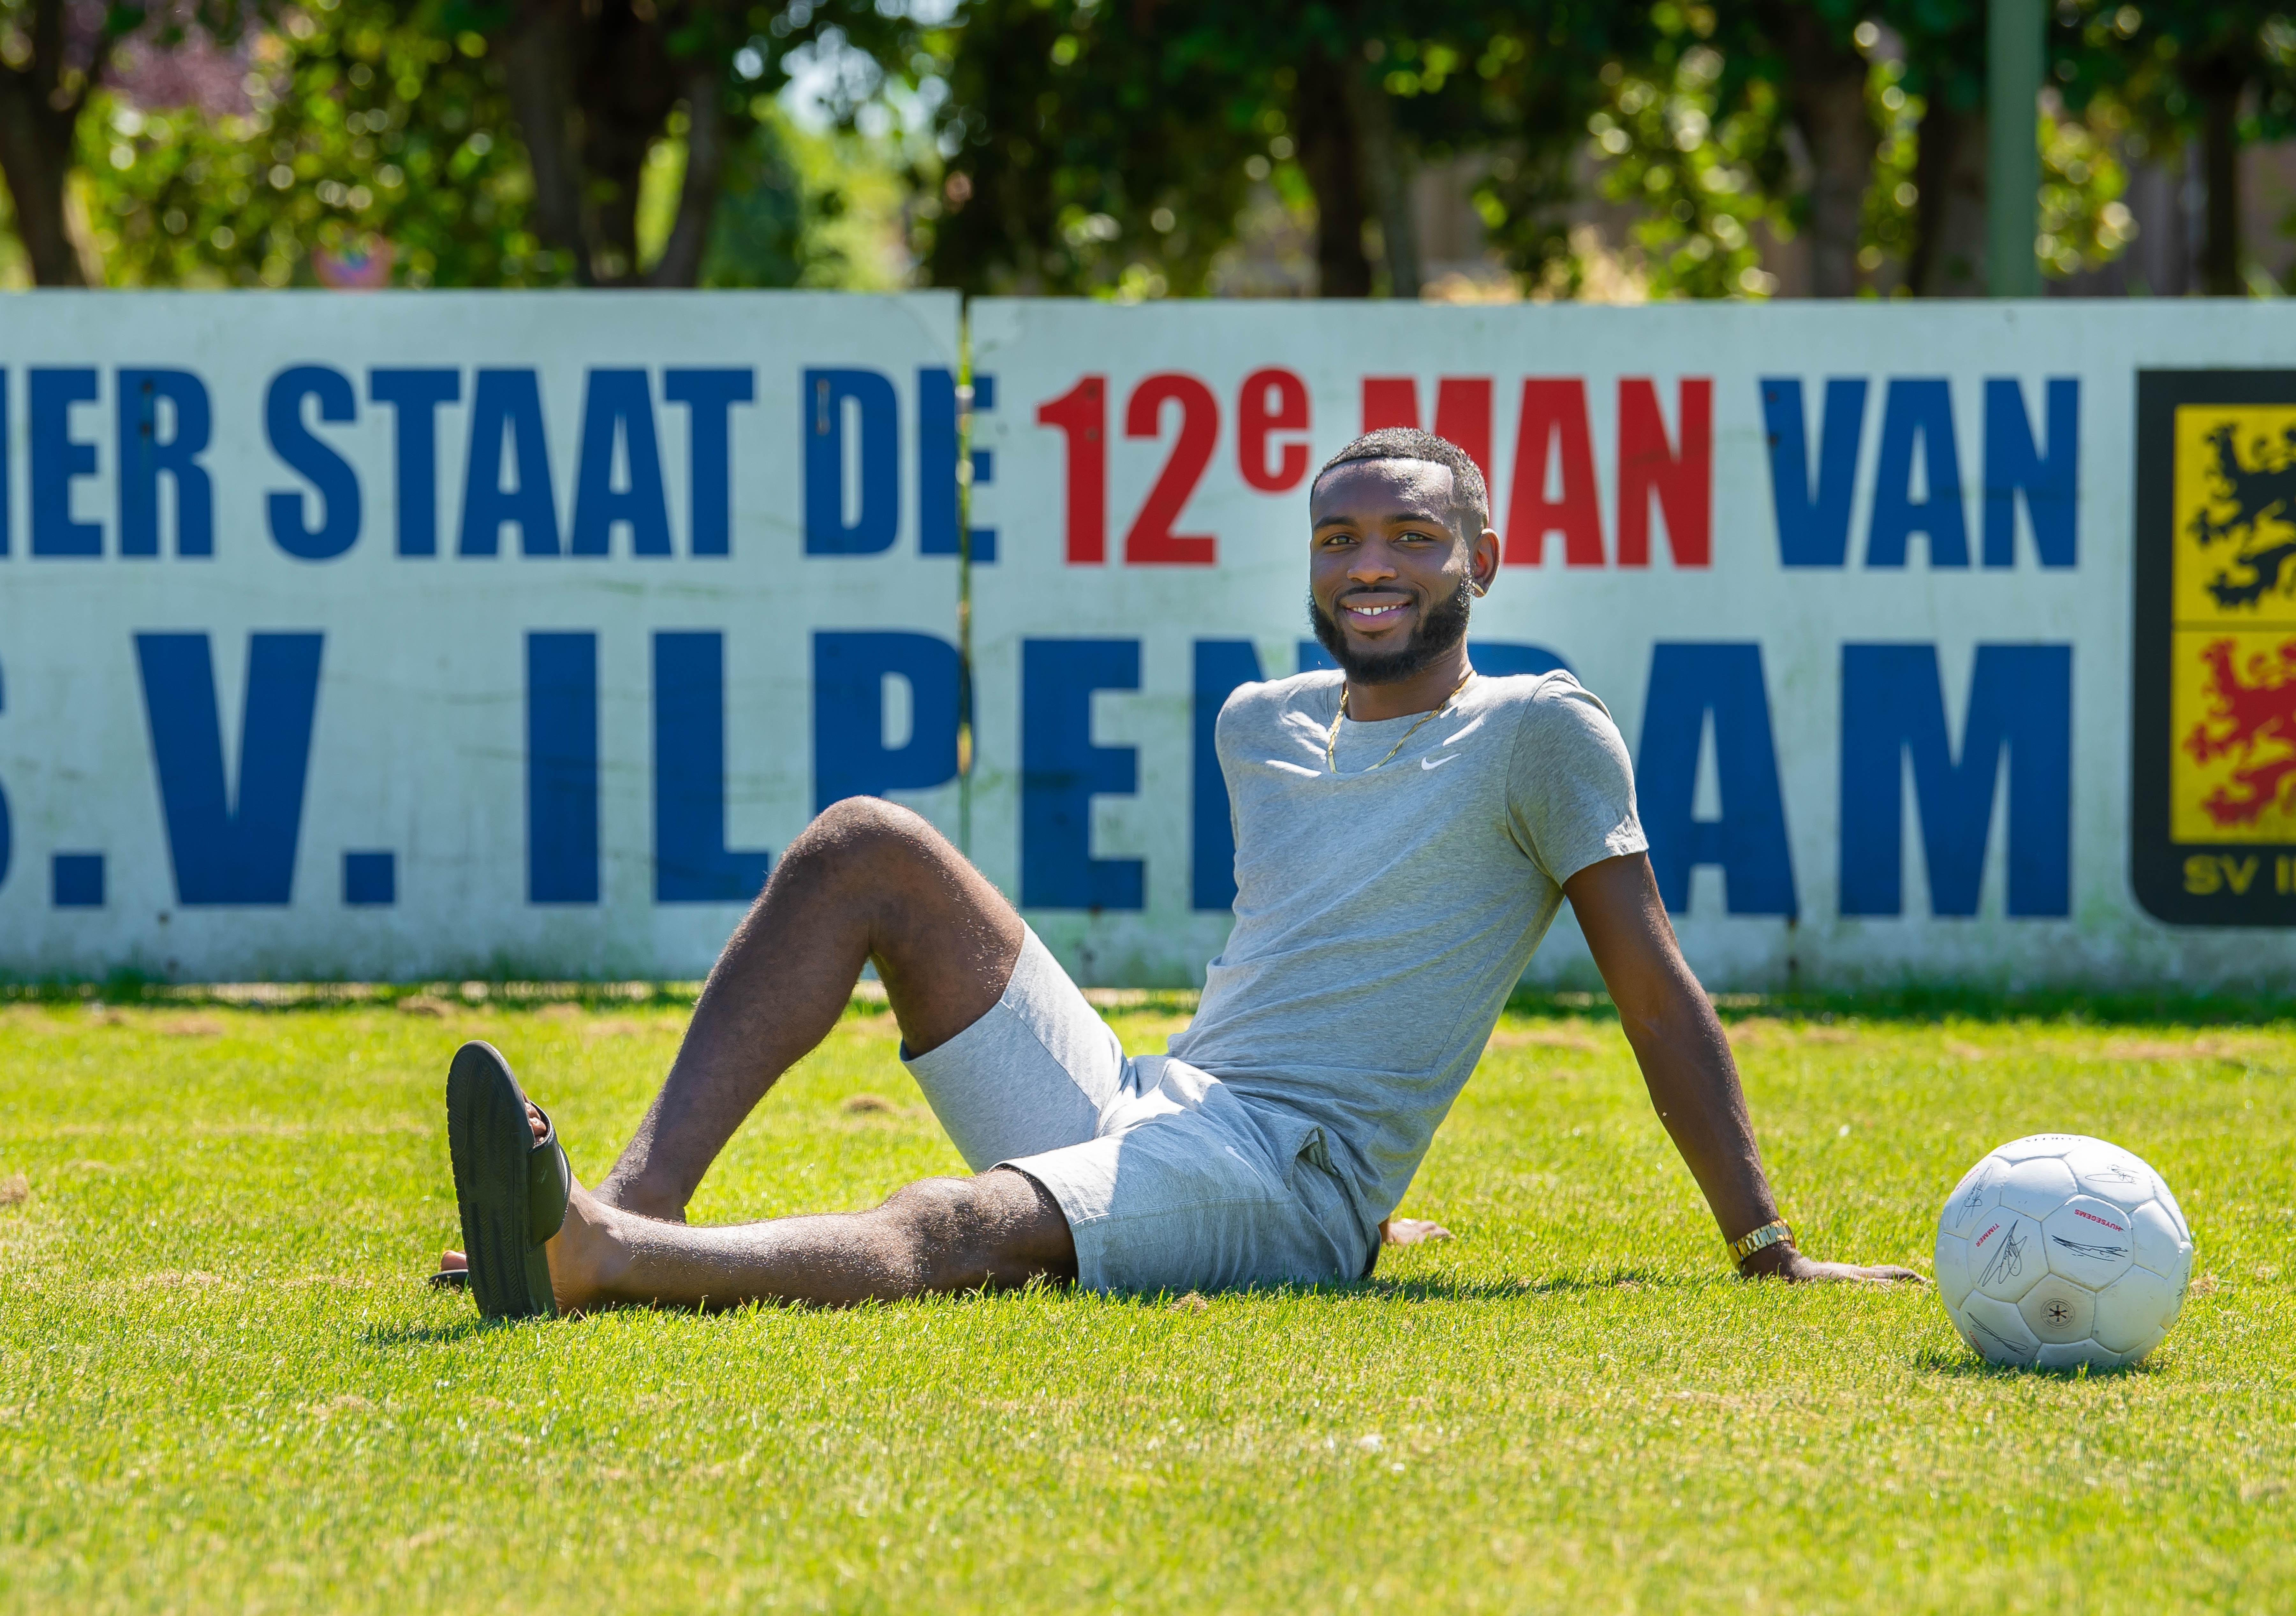 Shaquille Rellum wil belangrijk zijn voor Ilpendam: 'Ik wil minimaal tien goals maken'